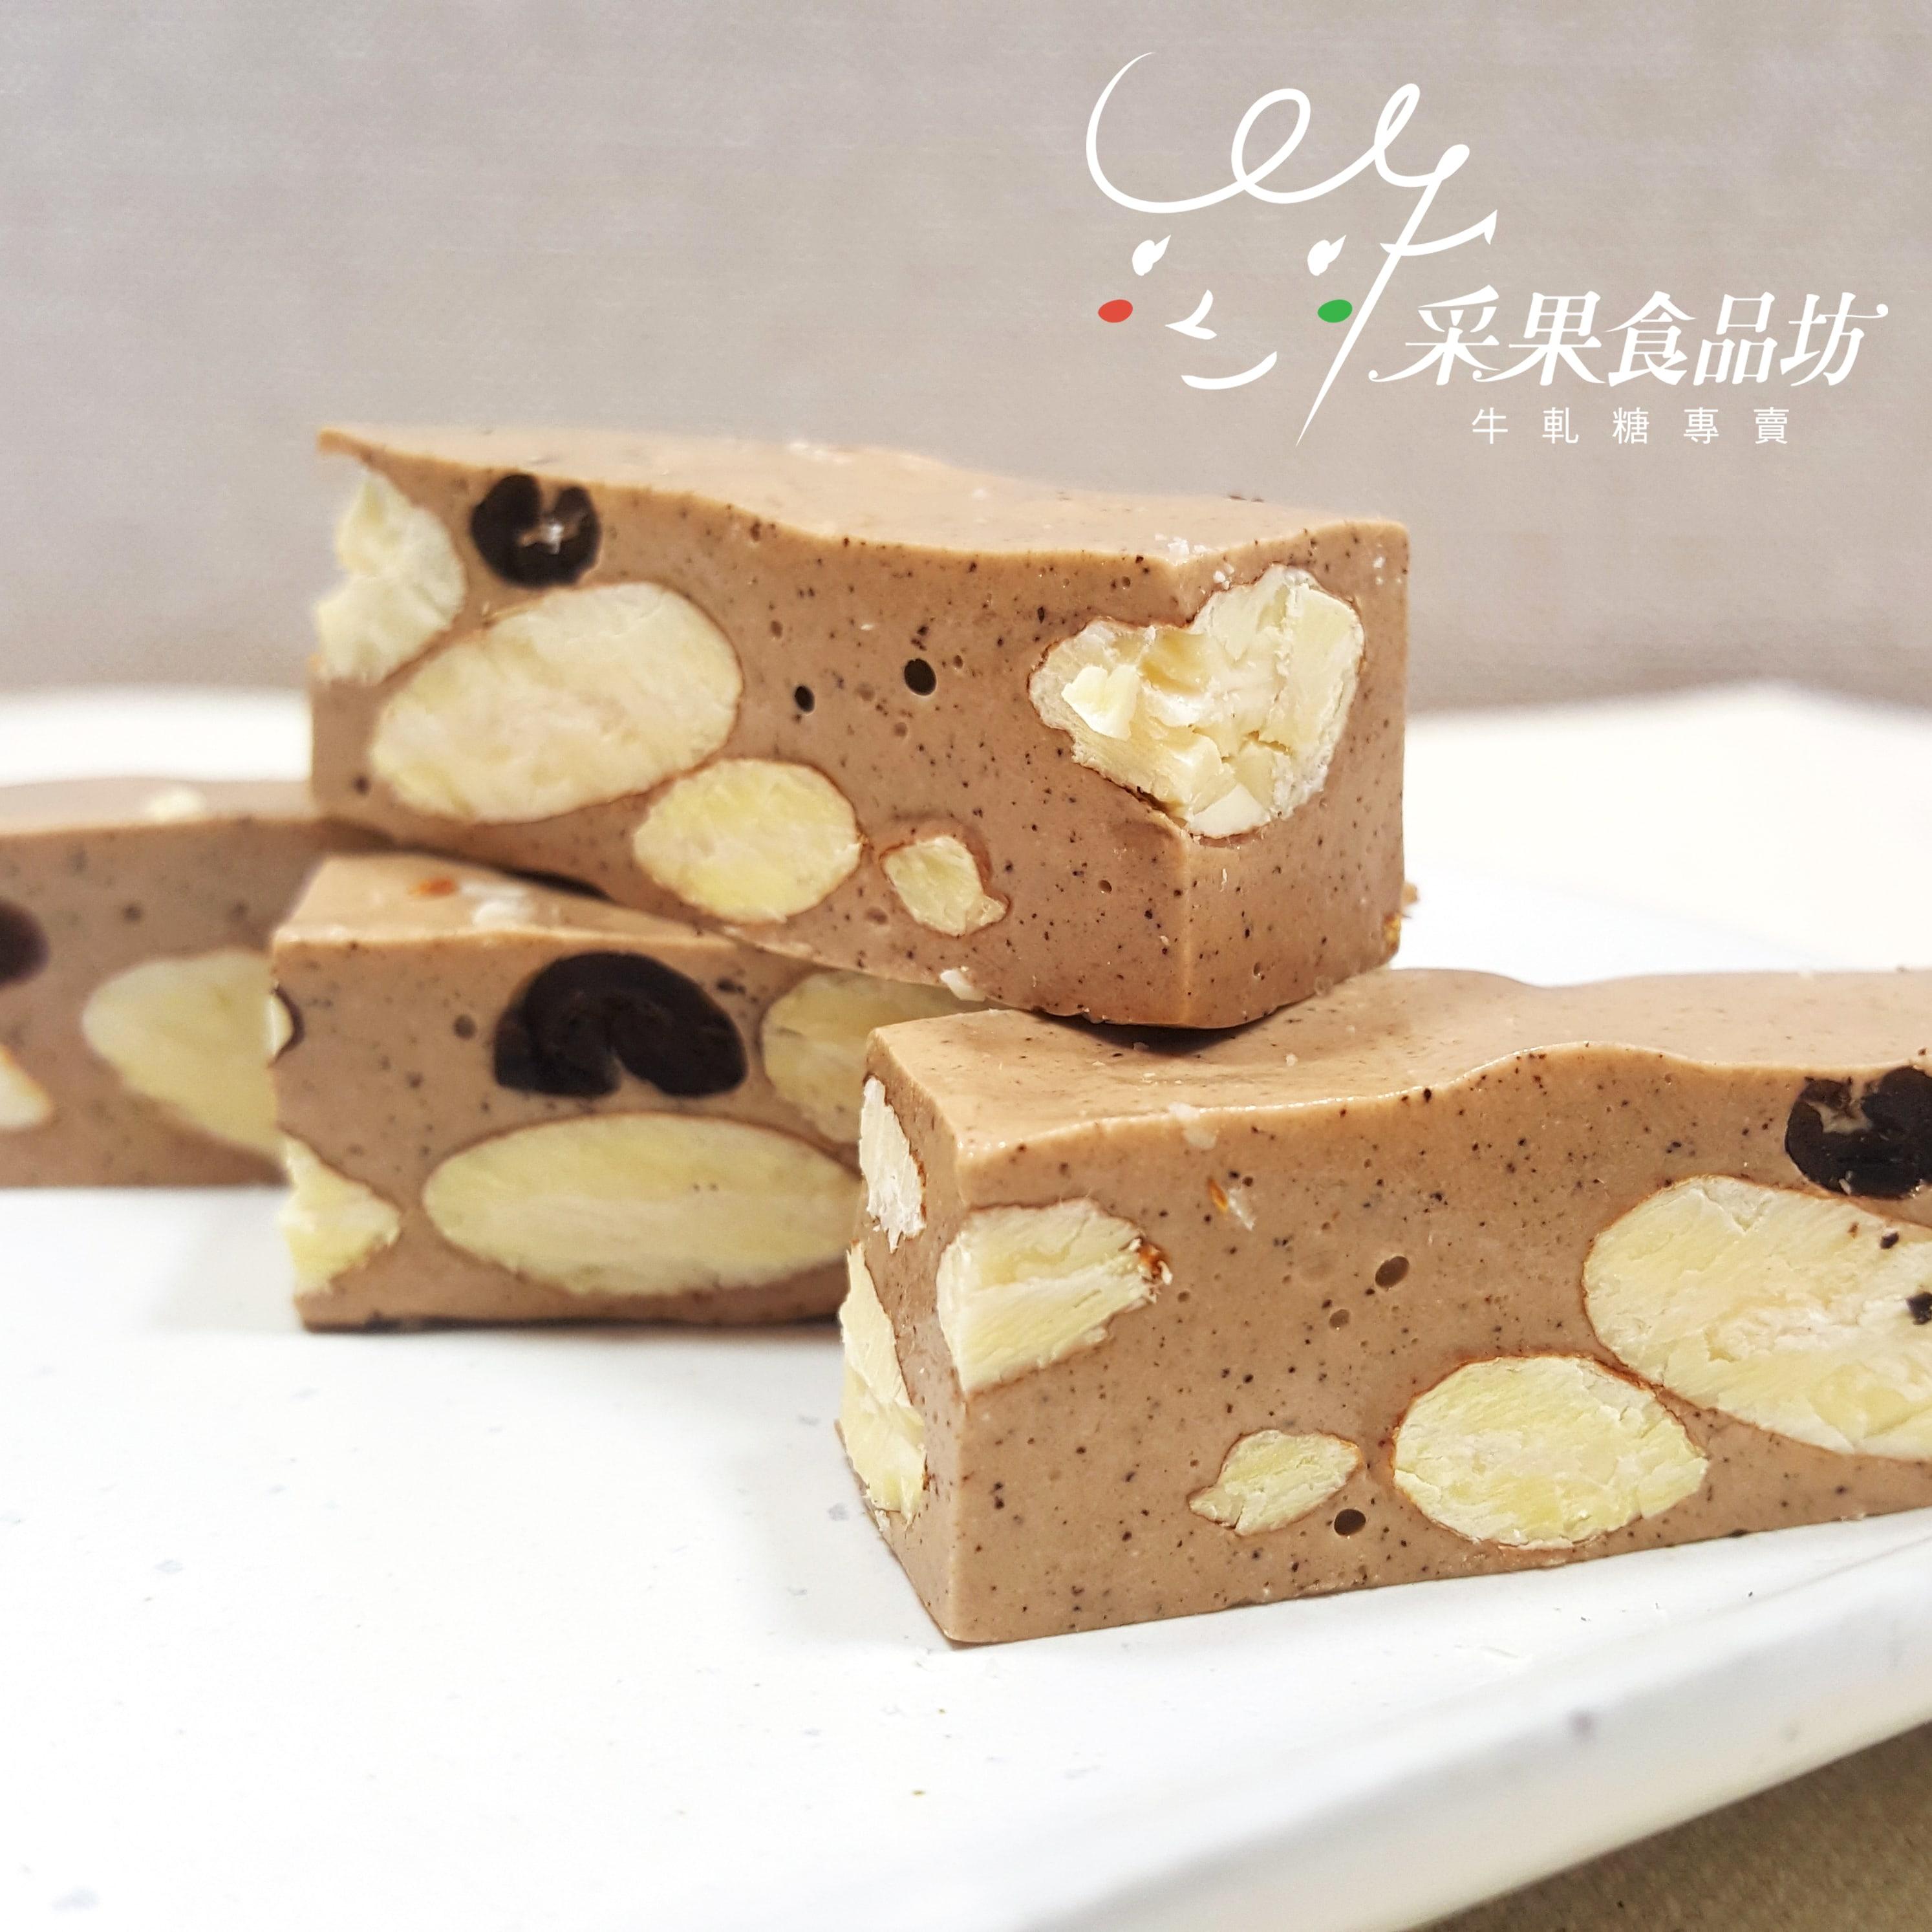 【采果食品坊】咖啡杏仁牛軋糖 216g / 袋裝[本店獨創口味] 1